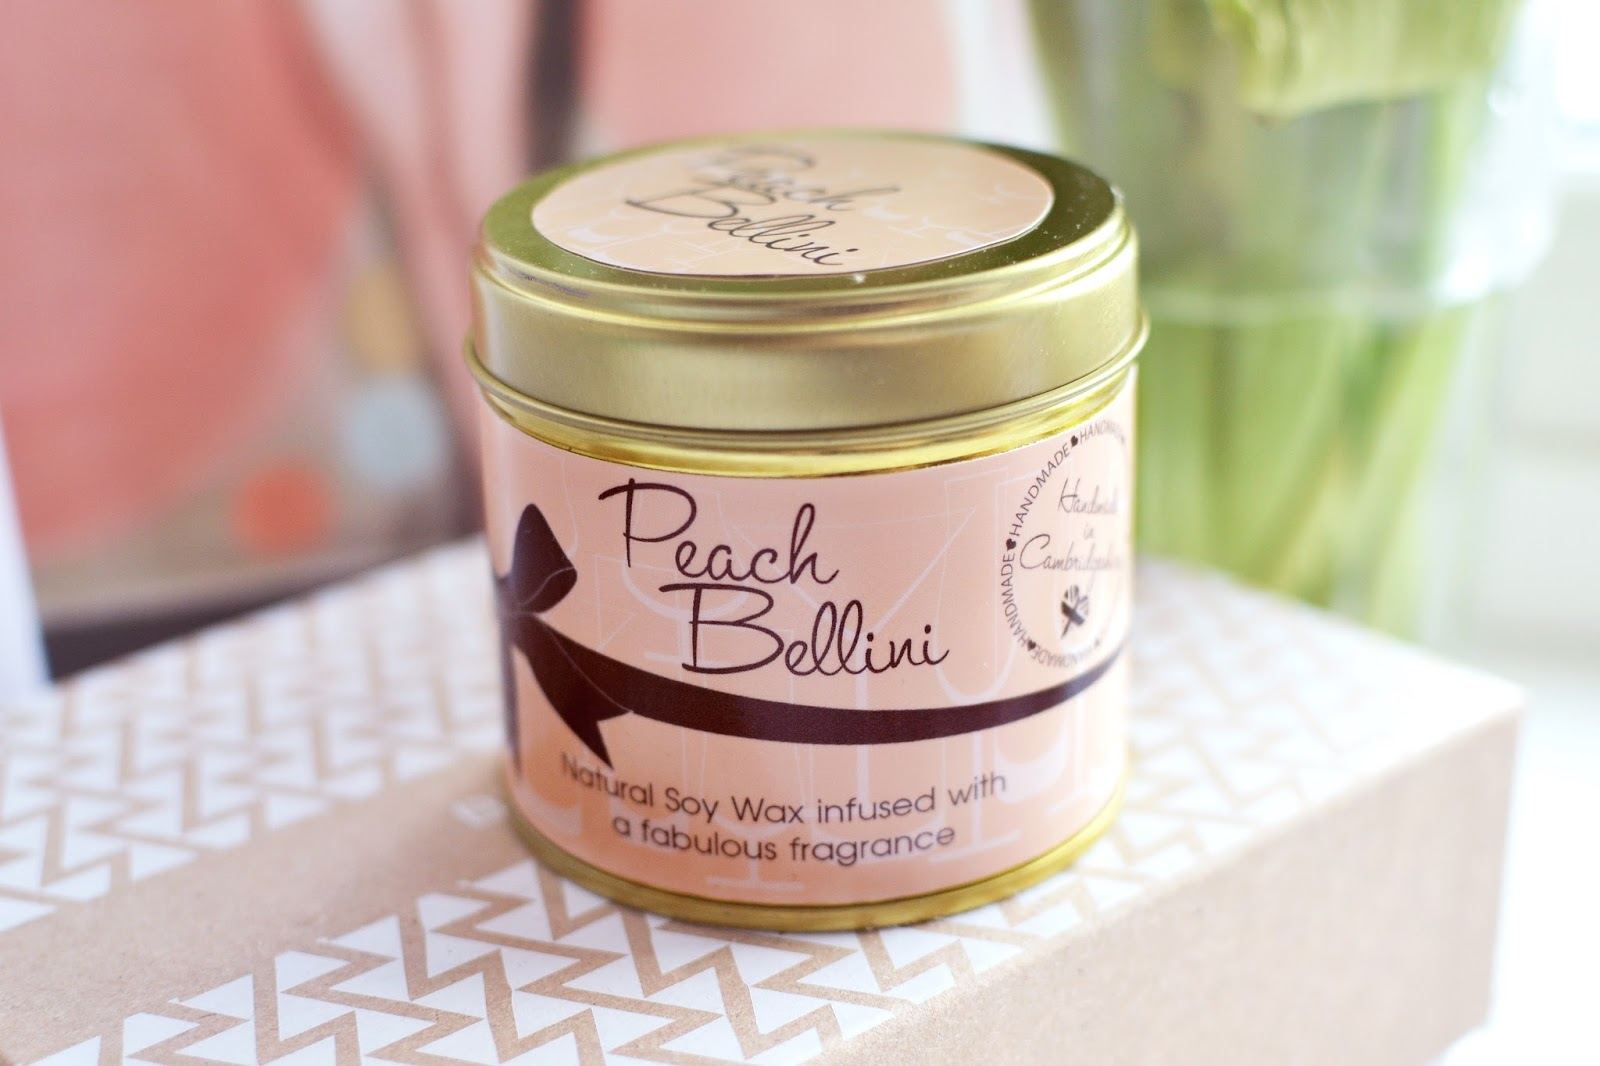 peach bellini candle